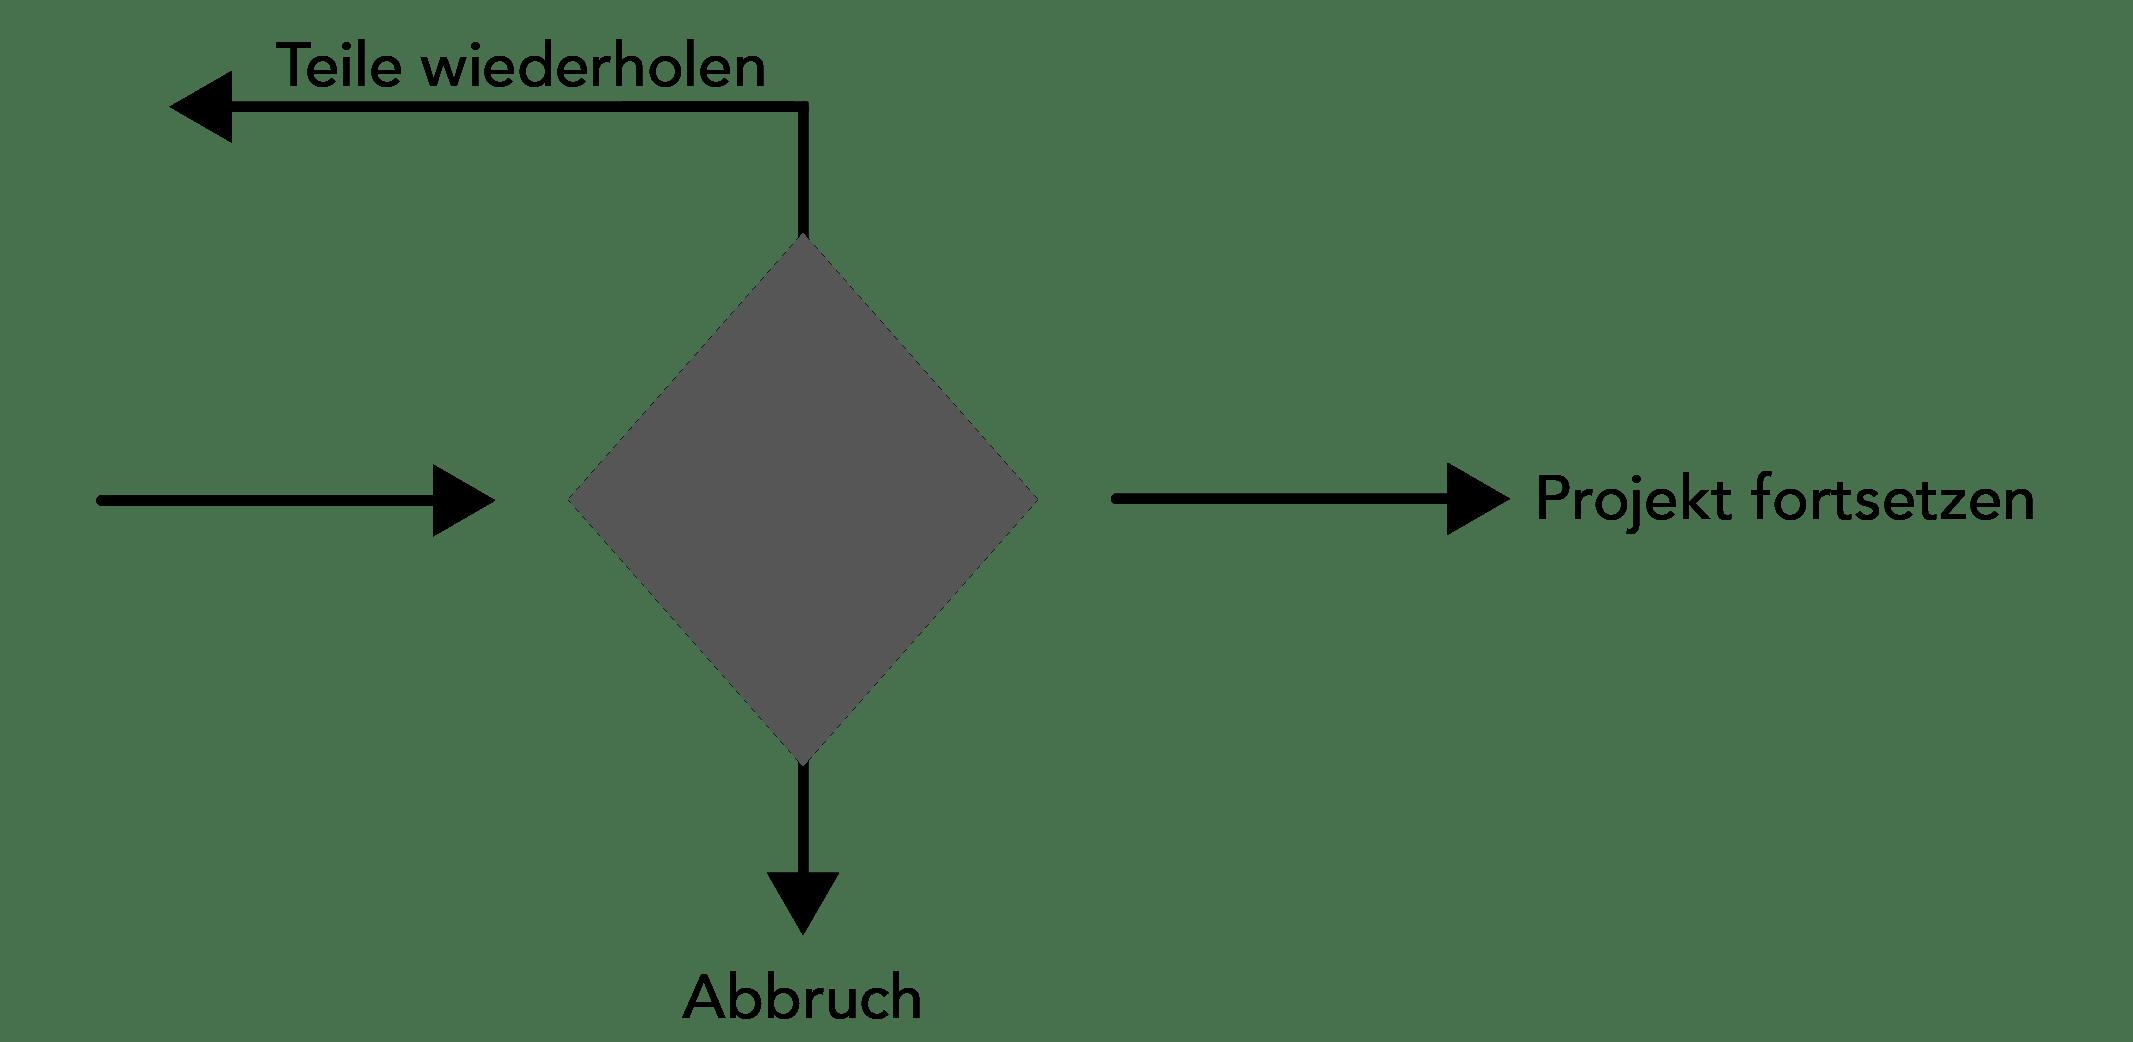 Meilenstein – ein besonderes Ereignis innerhalb eines Projektes